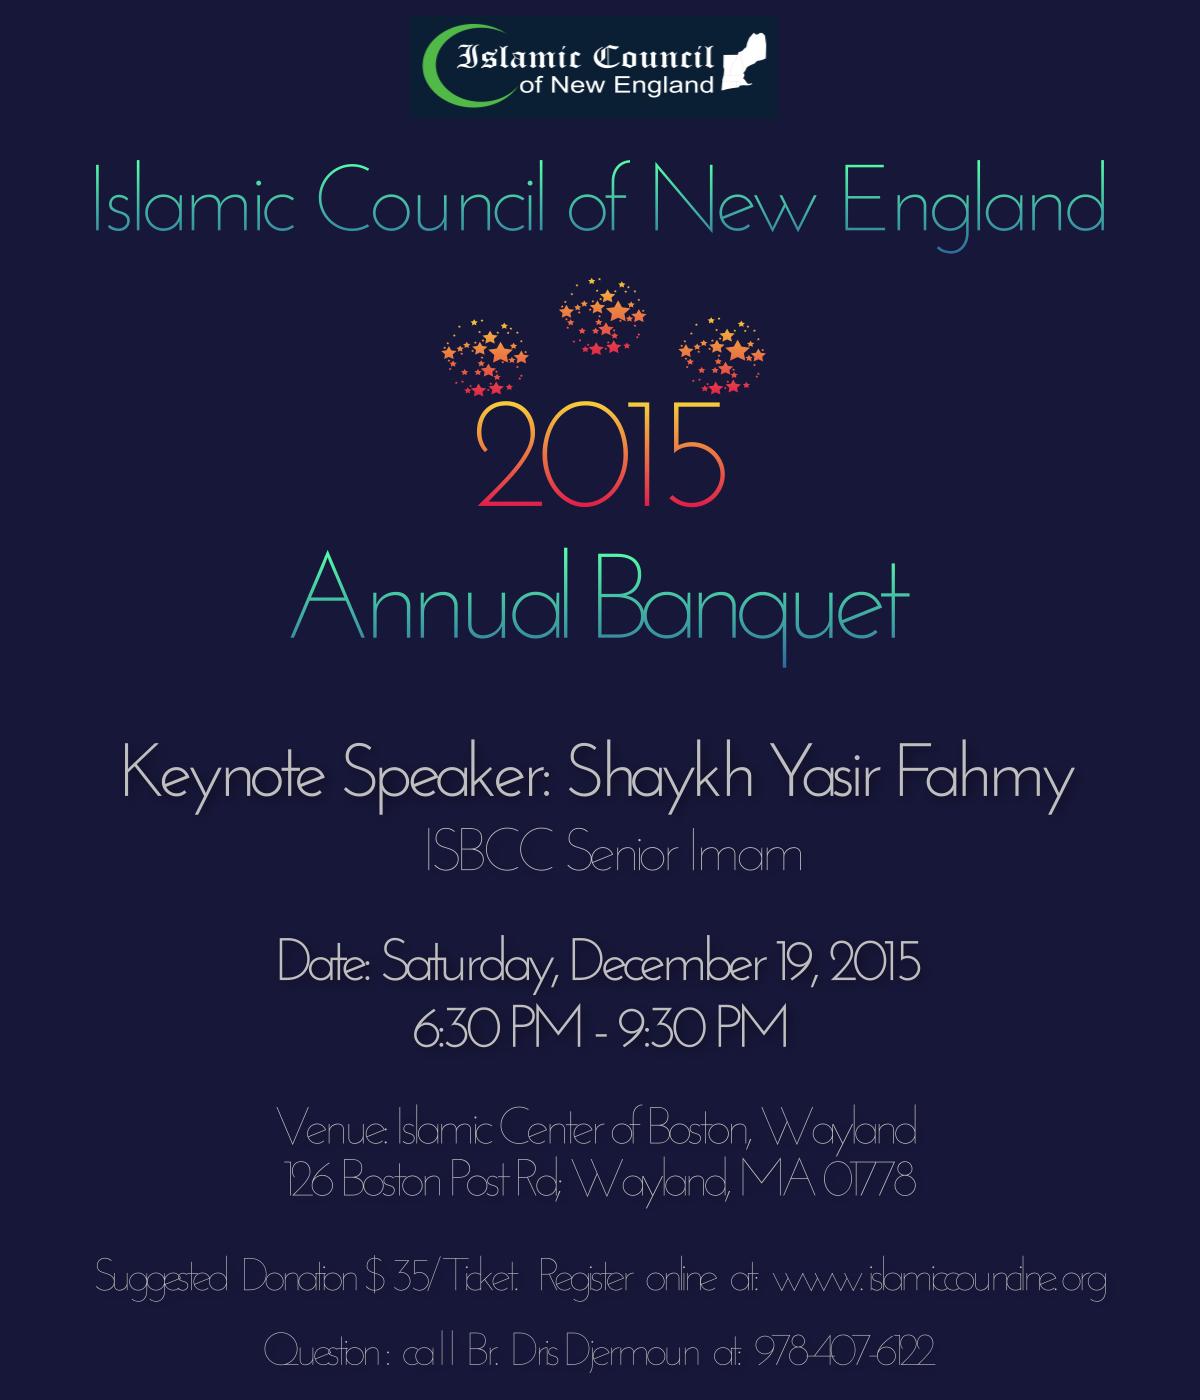 ICNE_2105 Annual Banquet_Final_112915